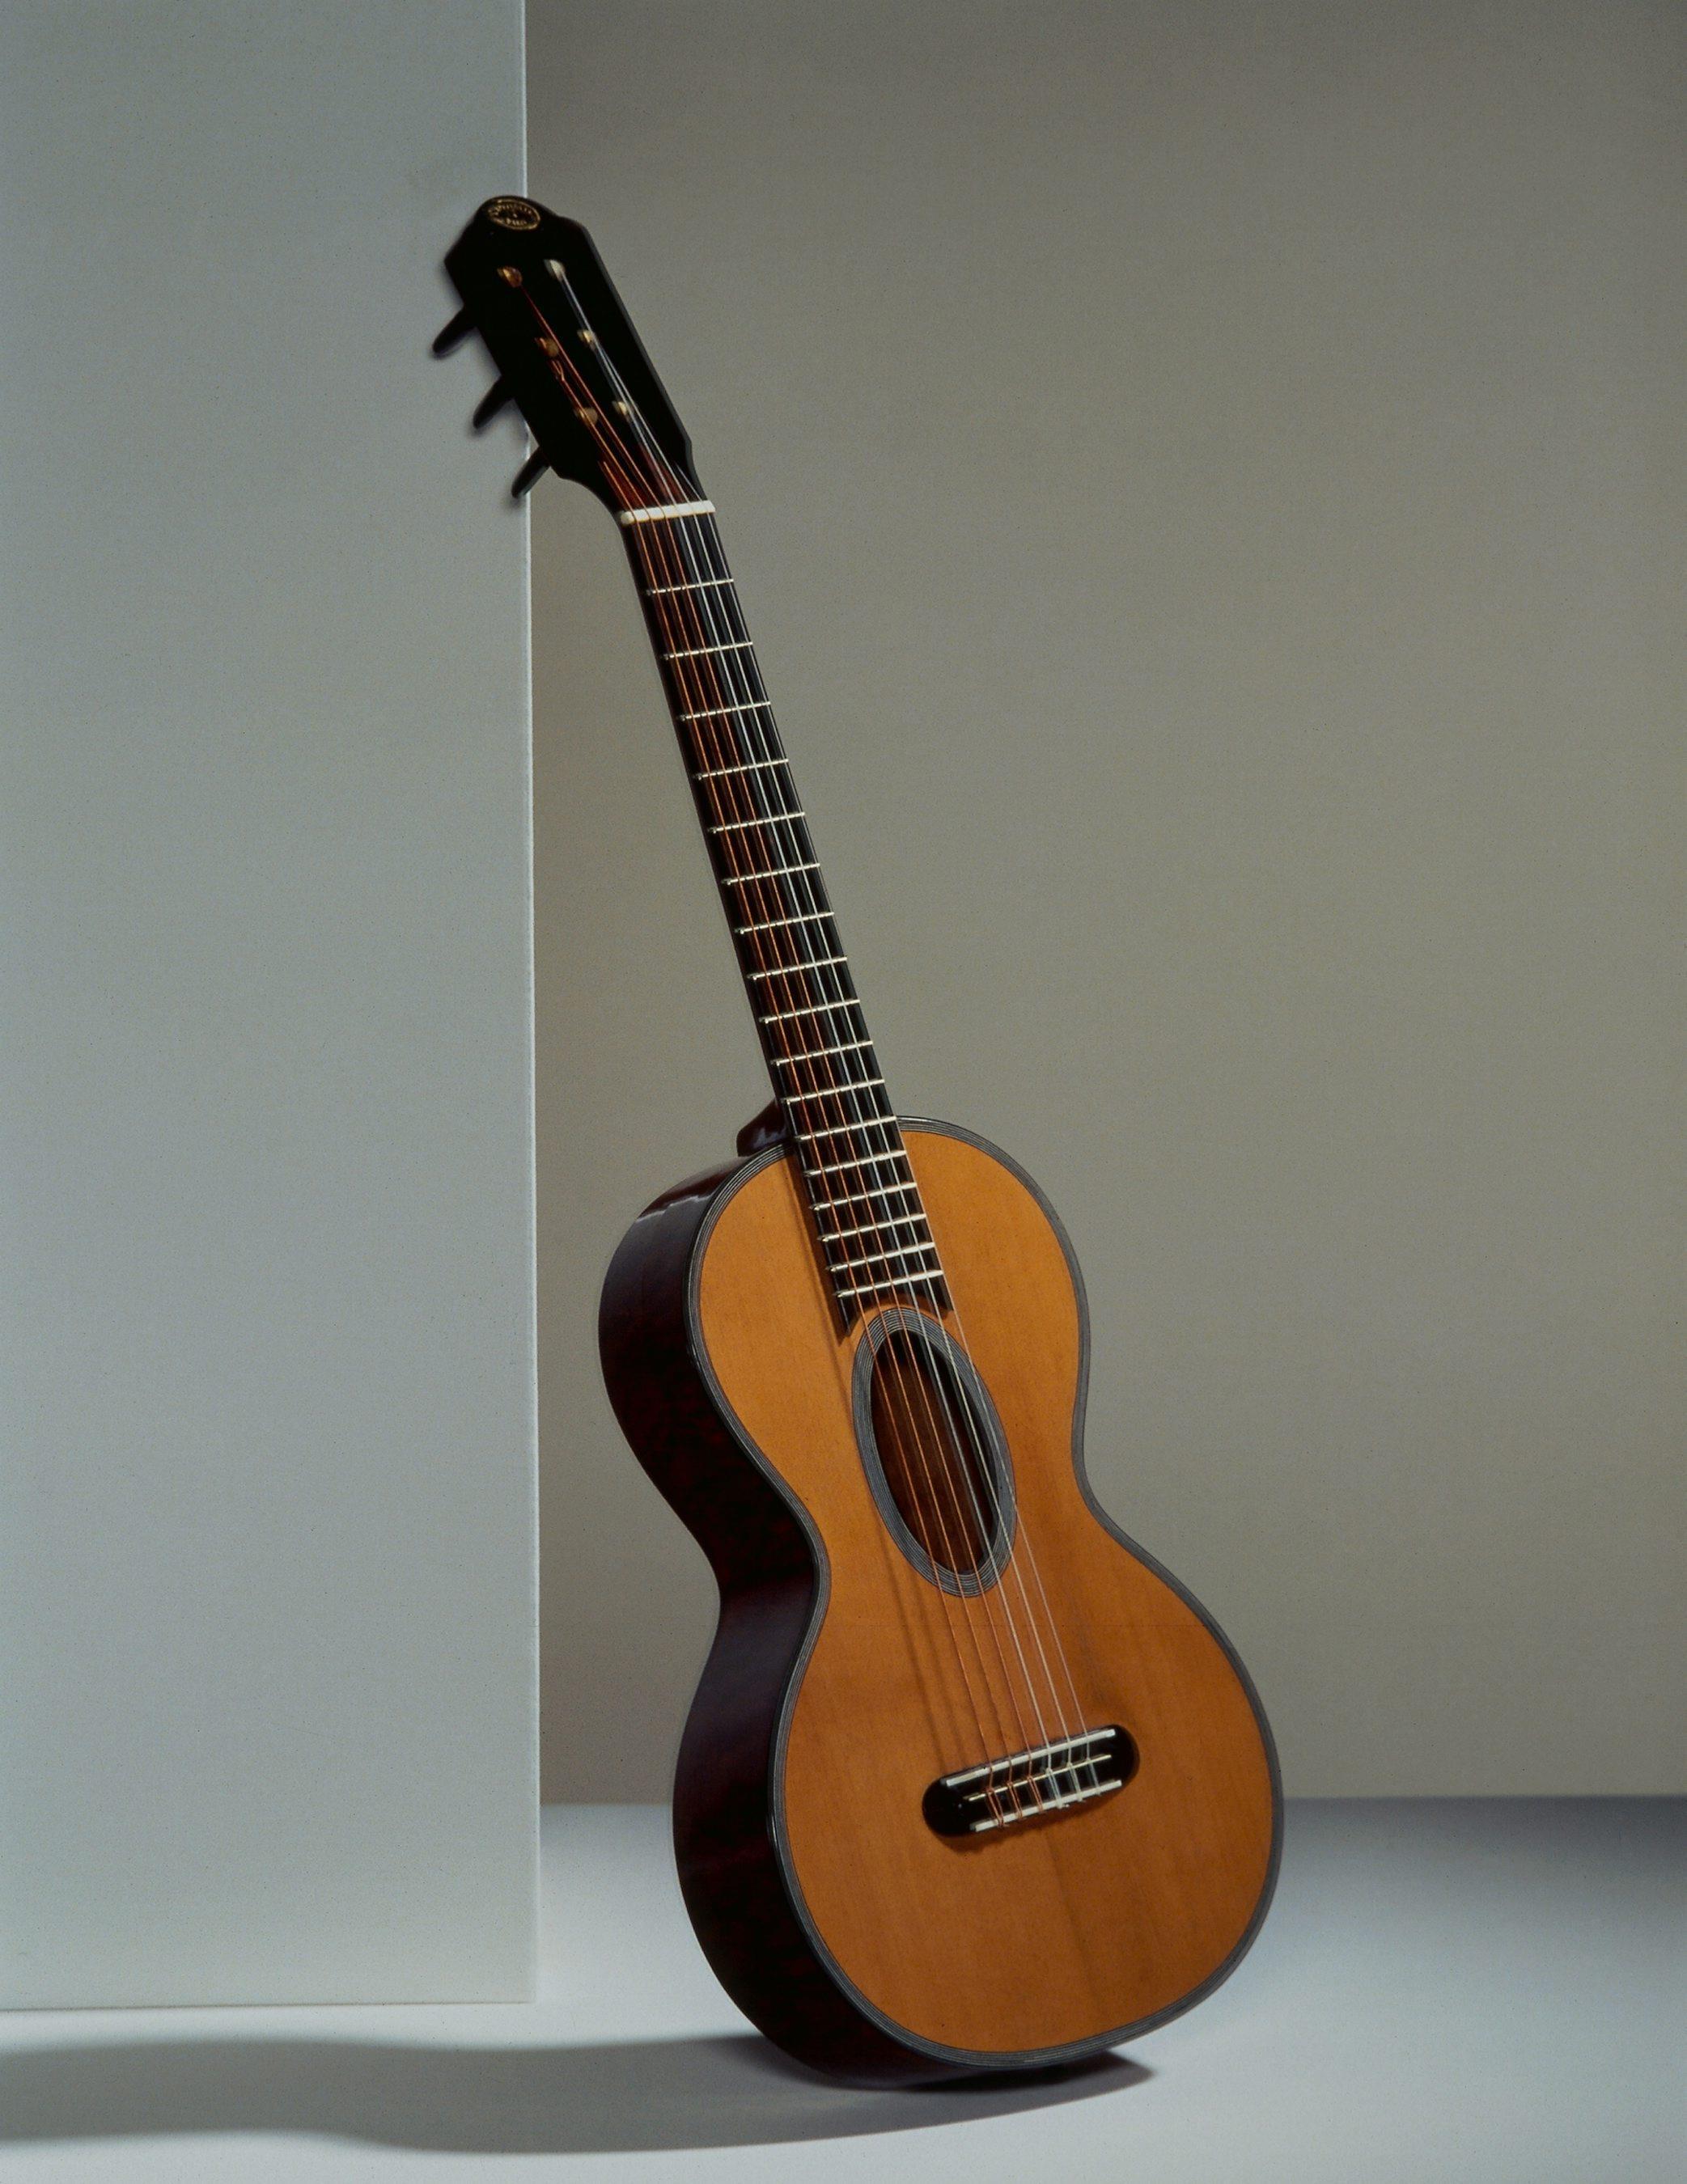 Guitare | Etienne Laprévotte